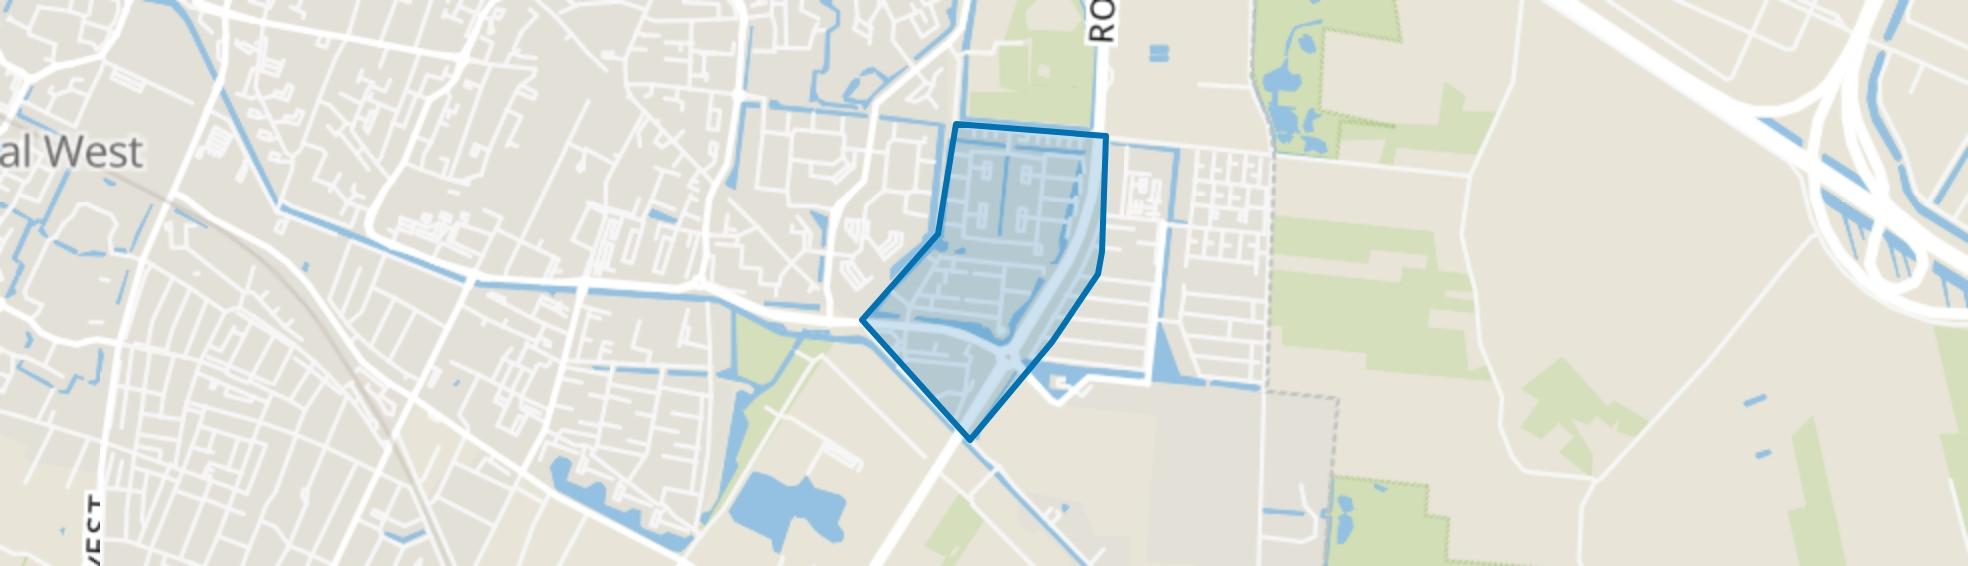 Dragonder-Oost, Veenendaal map